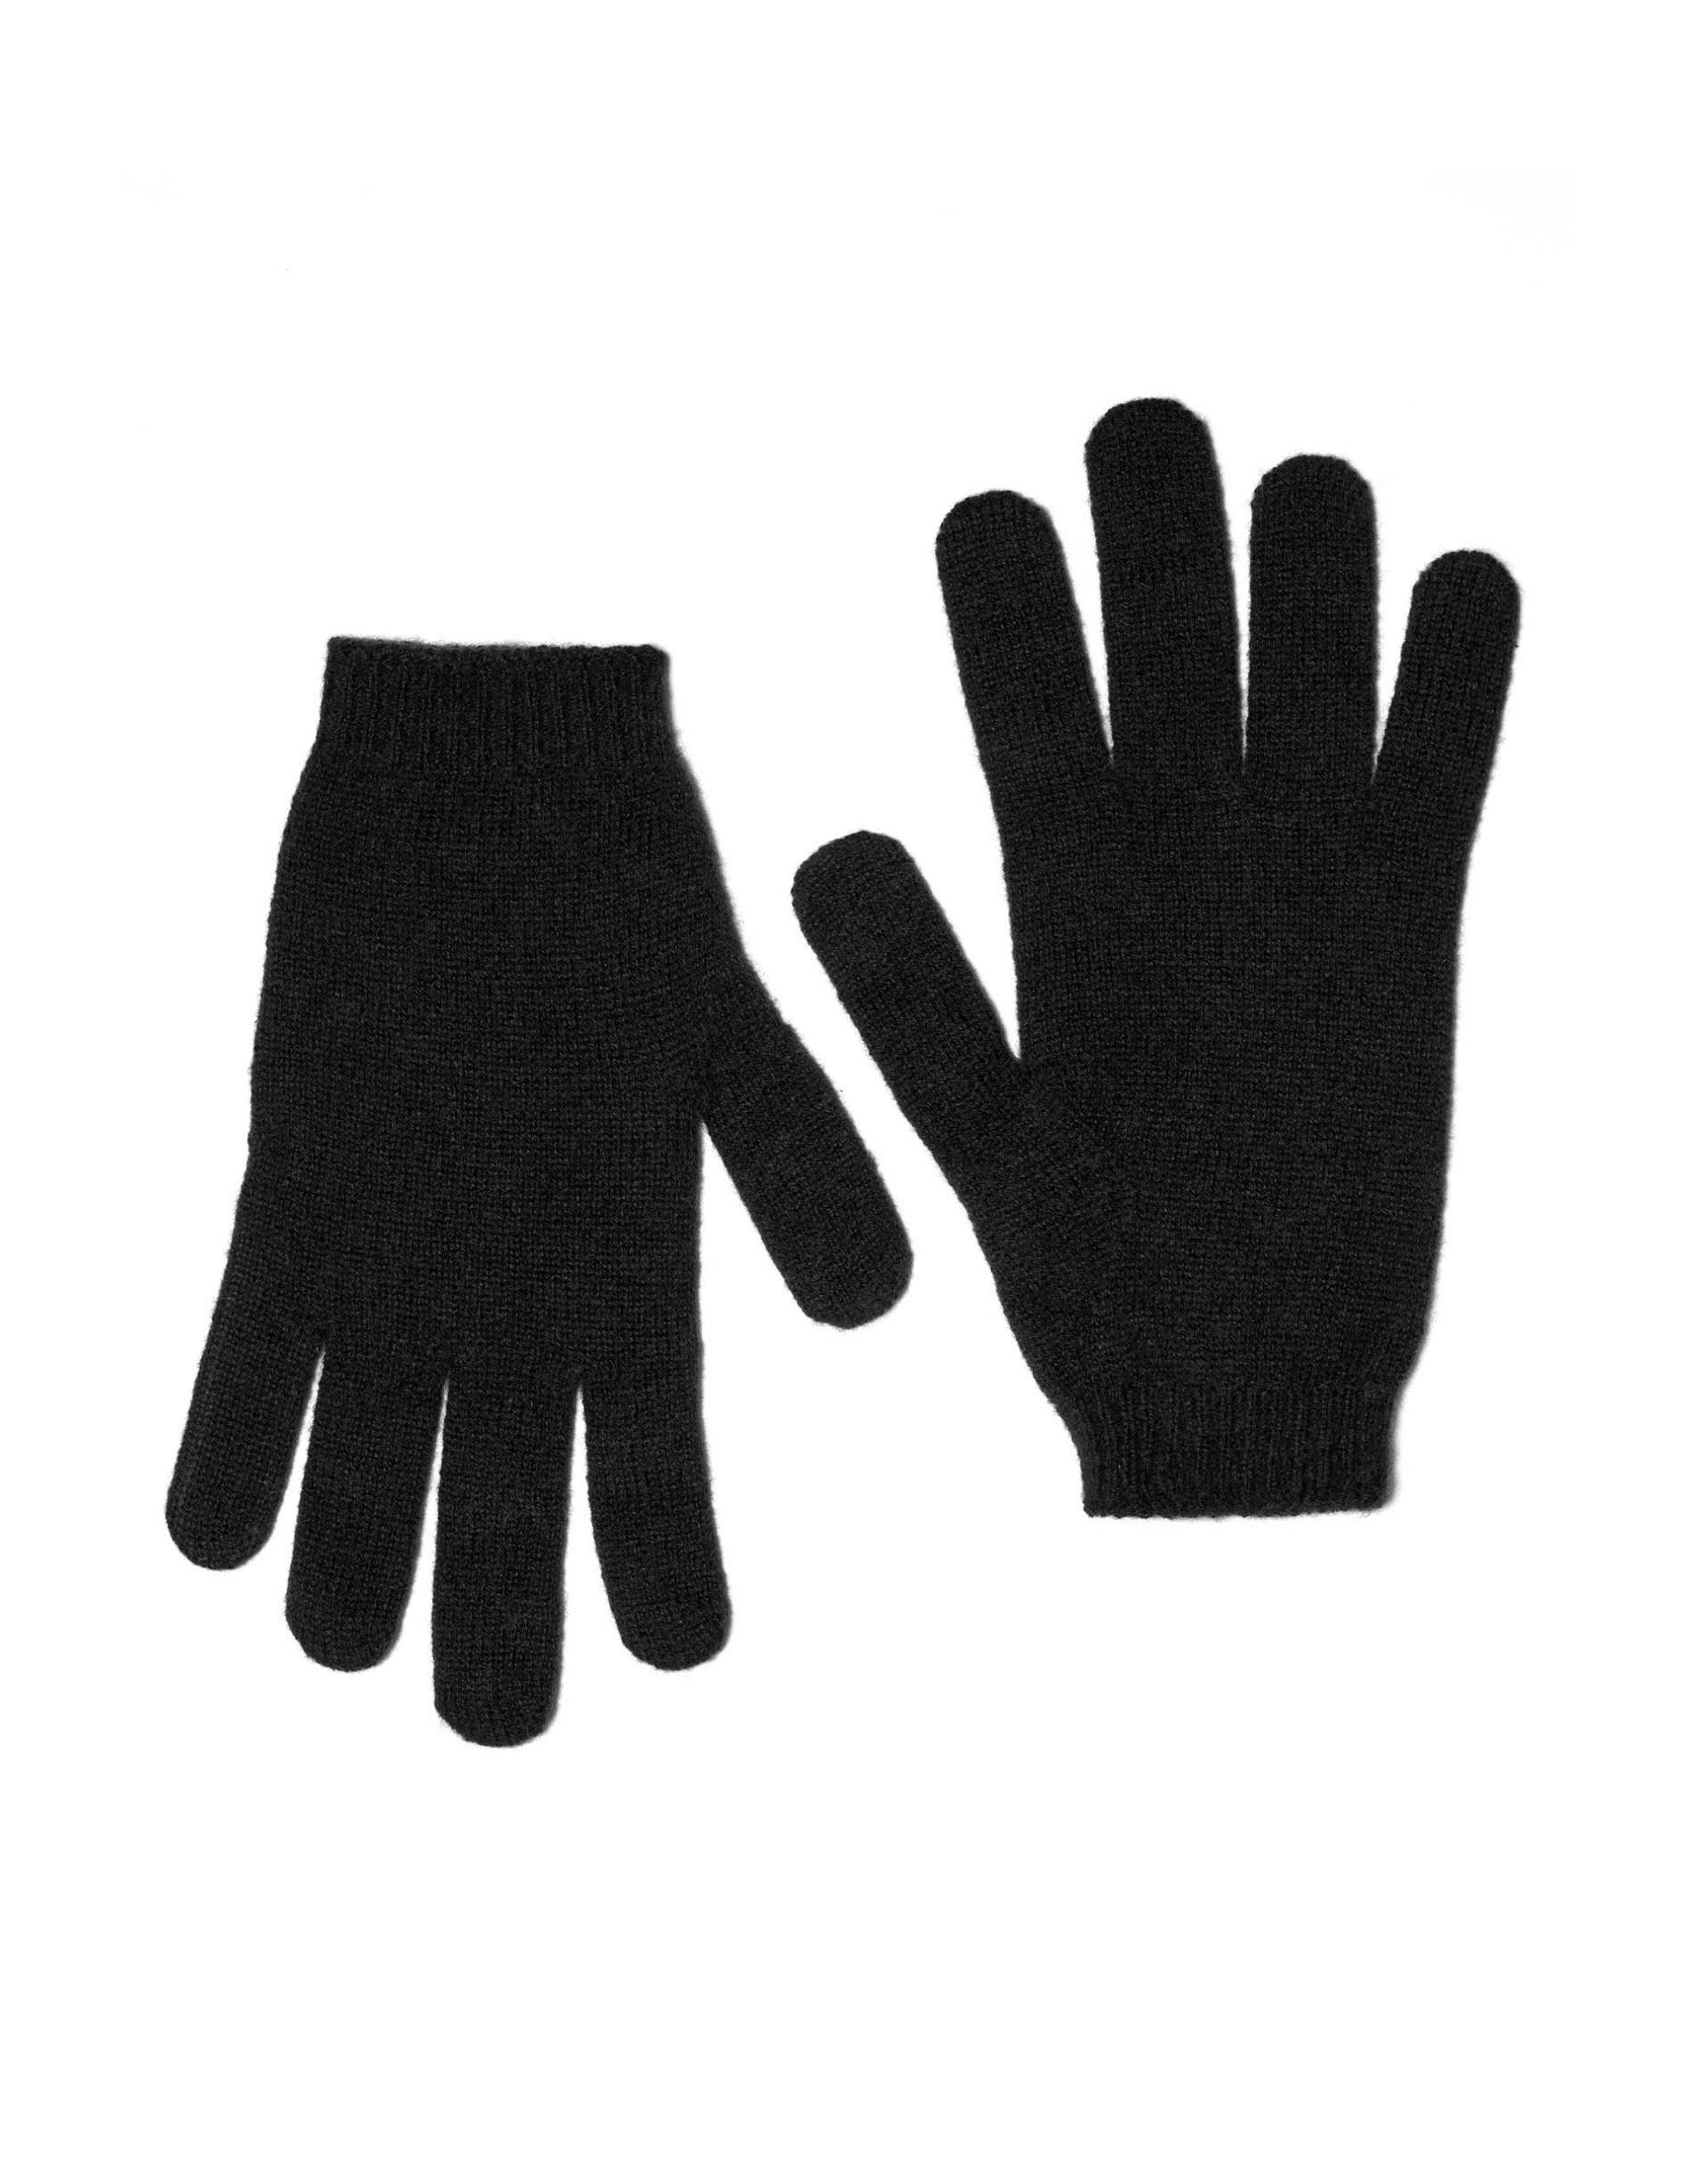 ПерчаткиПерчатки<br>Женские перчатки из пушистого кашемирового трикотажа. Эластичные манжеты. Универсальный размер.<br>Цвет: Черный; Размер: OS;